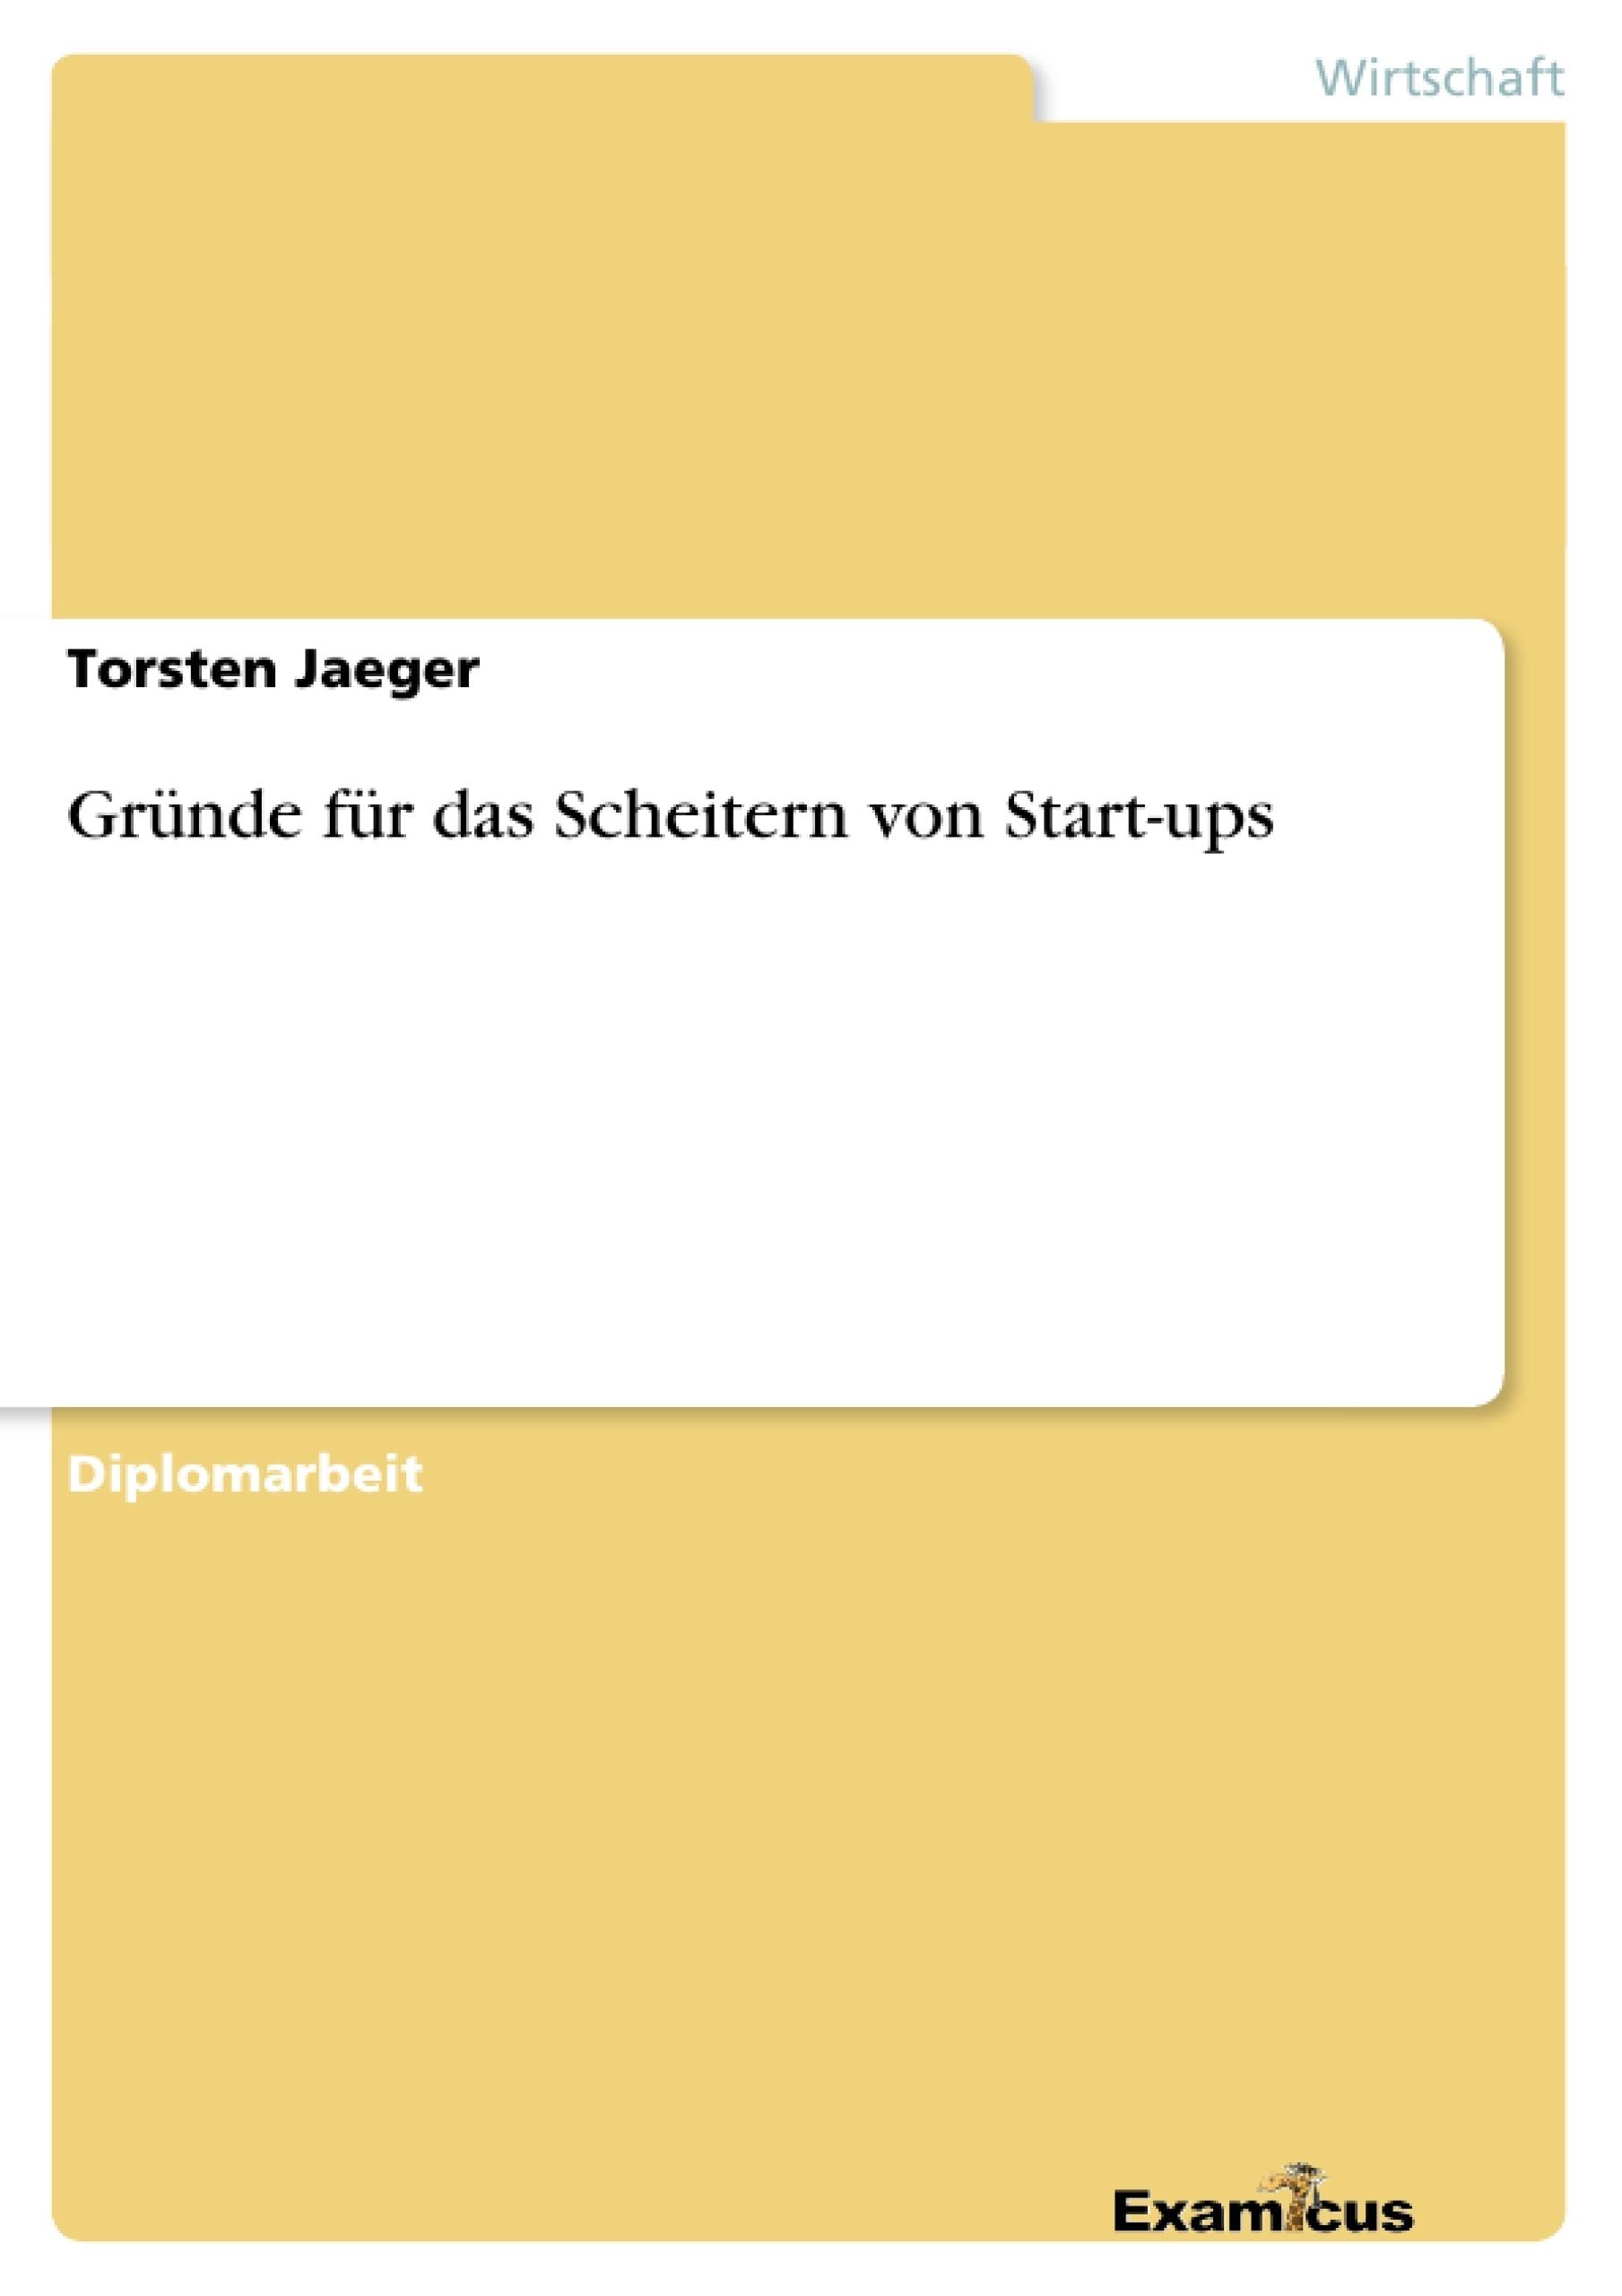 Titel: Gründe für das Scheitern von Start-ups